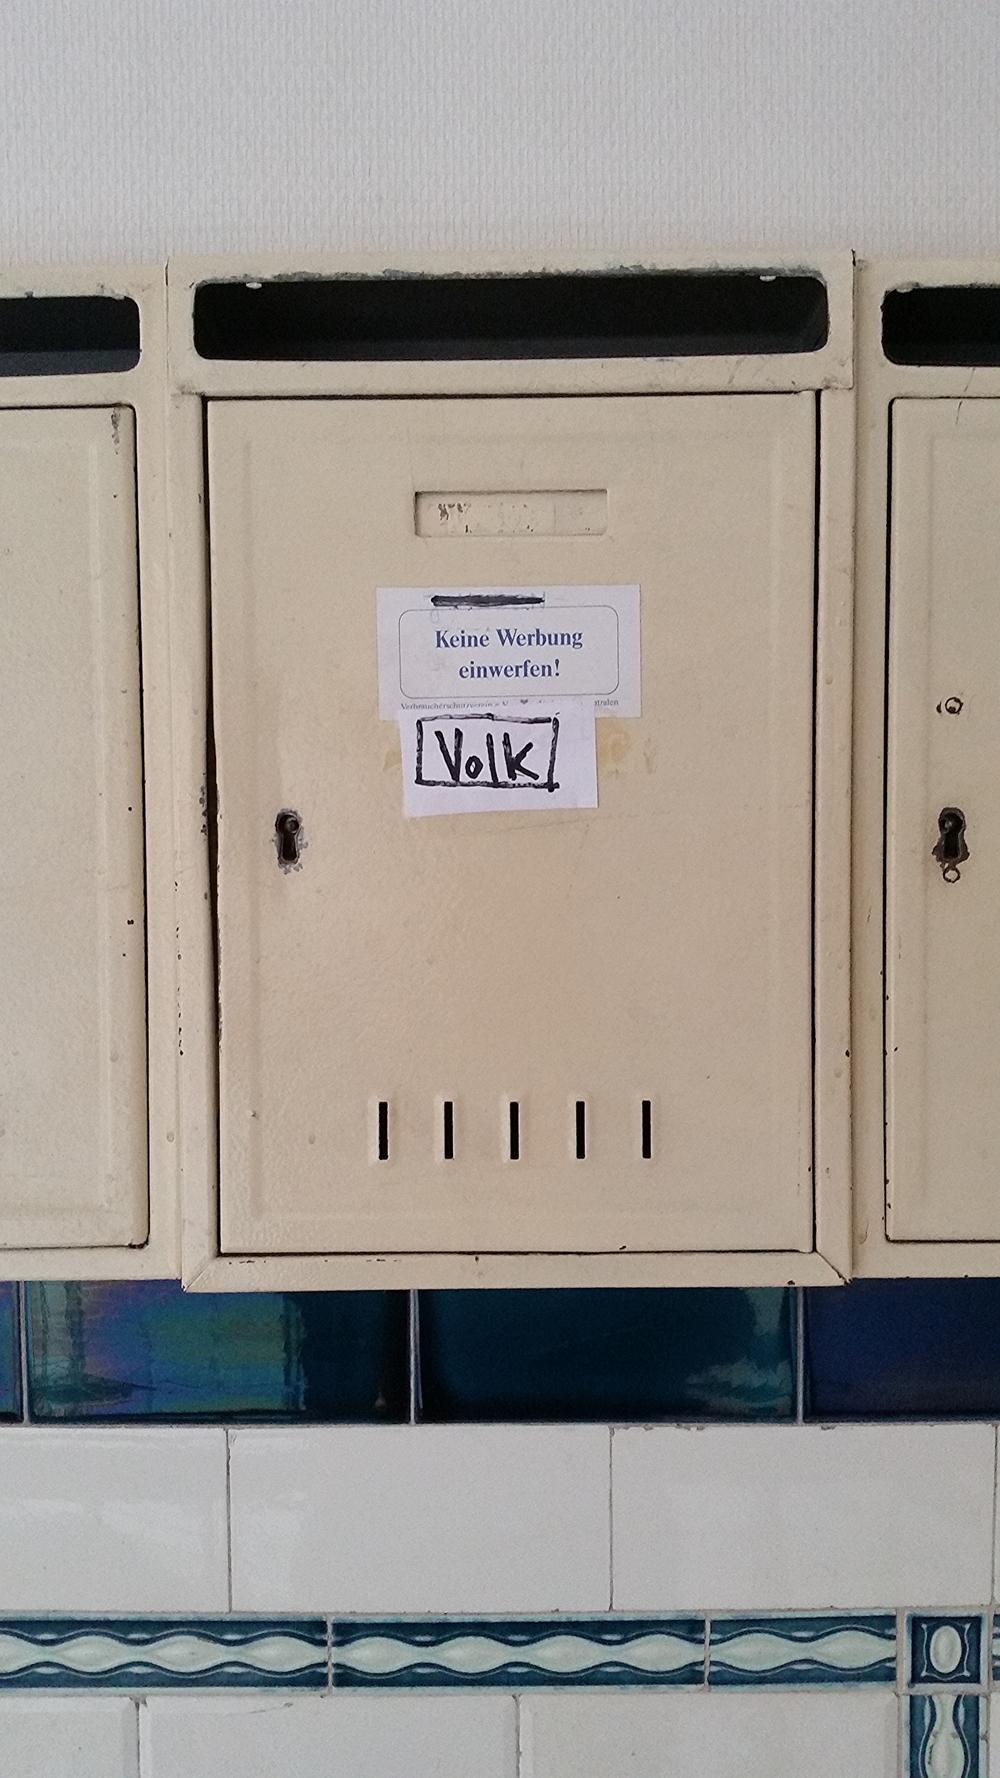 Die Angst des besorgten Volkes vor Werbisierung des Briefkastens. Hier ist kein Platz für italienische Pizzawerbung oder griechische Gyroswerbung oder arabische Falafelwerbung. Der Briefkasten ist voll!